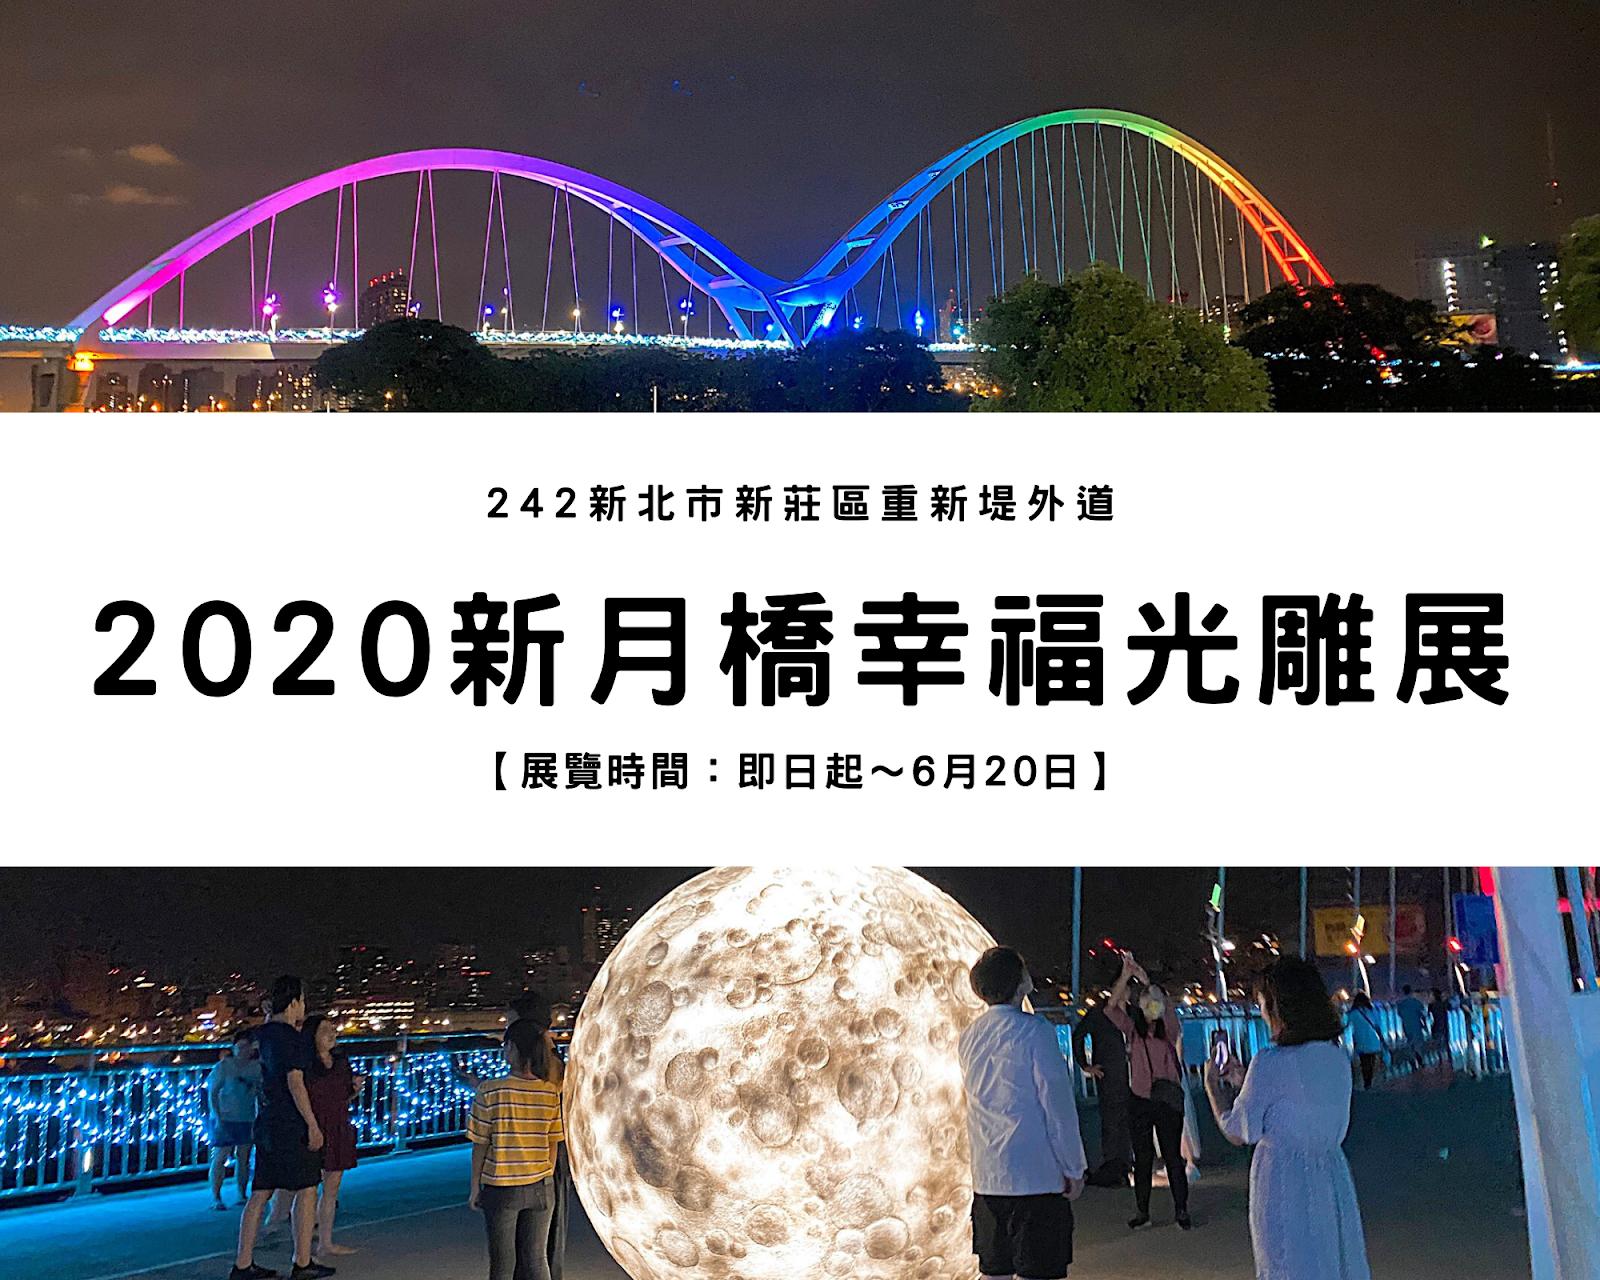 【新板約會景點】2020新月橋幸福光雕展|2公尺仿真月亮降落人間、完美拍出網美照片~